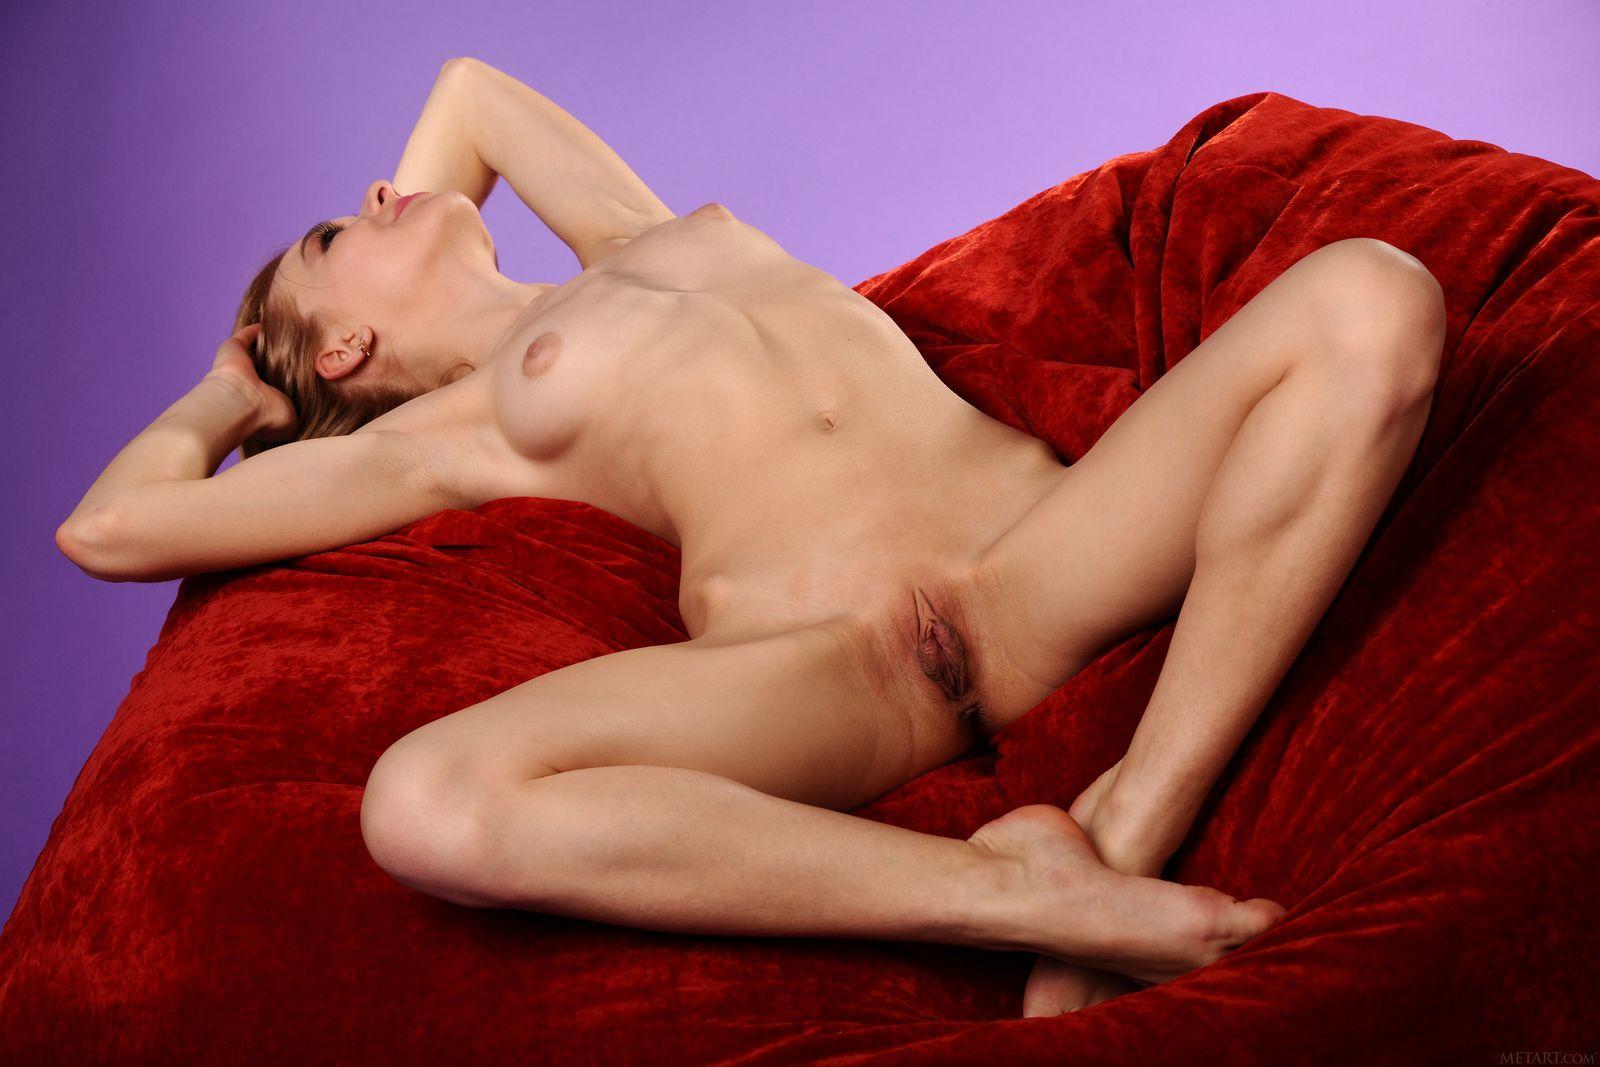 Обнаженная Келси на красном кресле